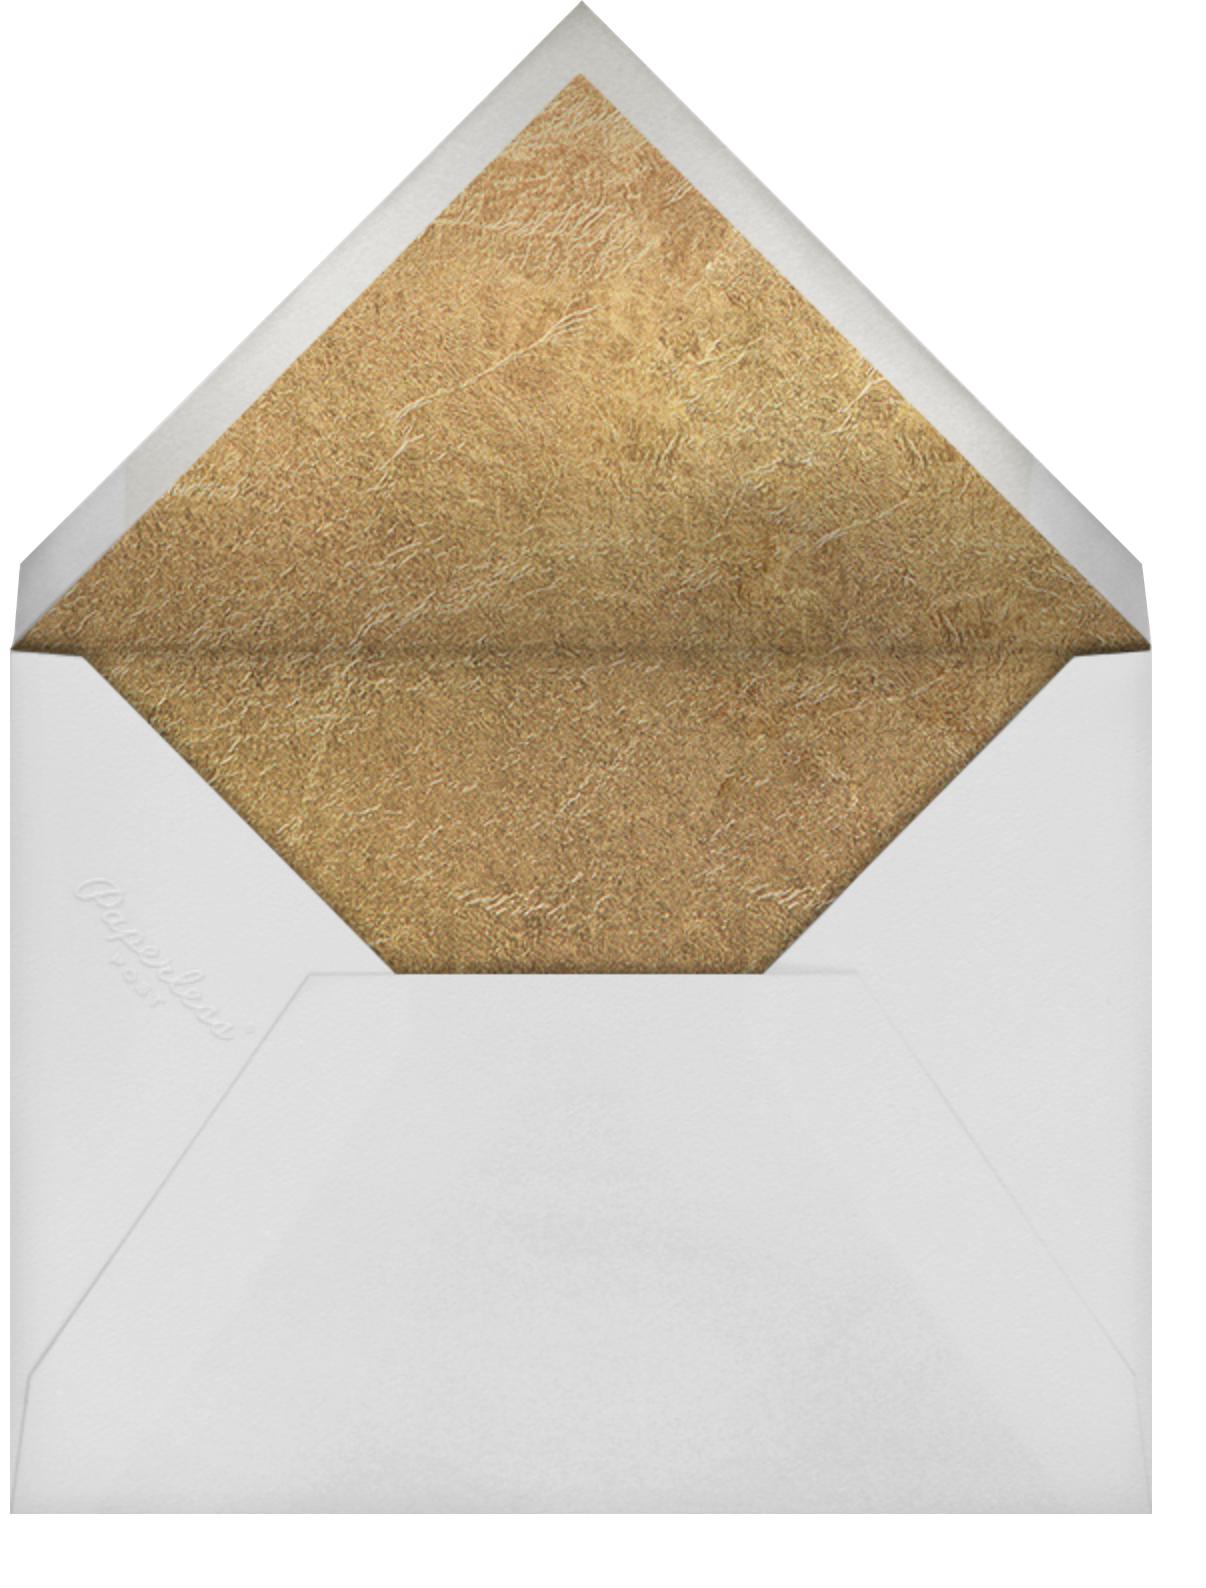 Prism Fade - Peacock - Kelly Wearstler - Hanukkah - envelope back